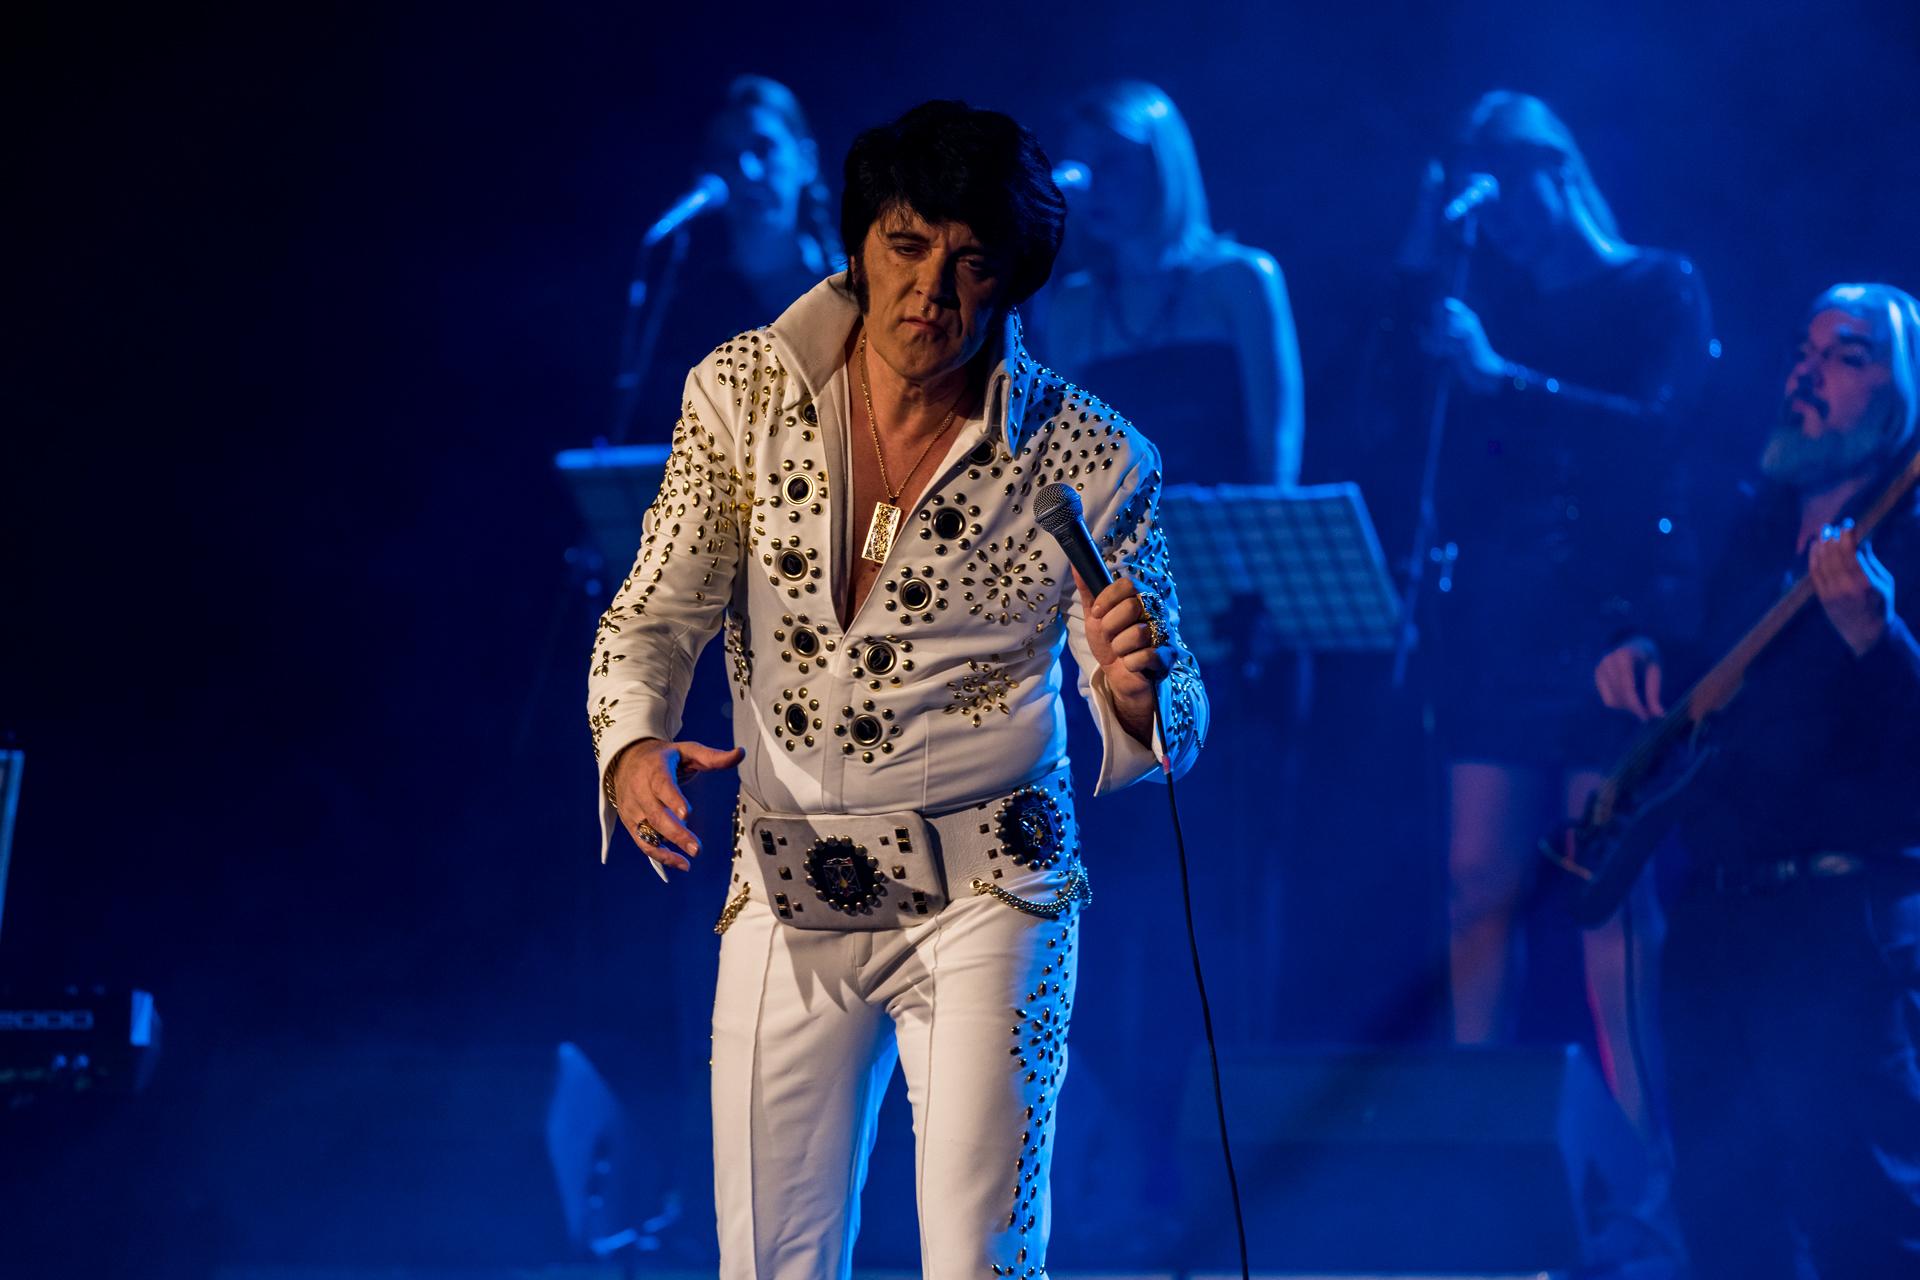 2020_01_14-we4show-Elvis-©-Luca-Vantusso-212540-GFXS2130